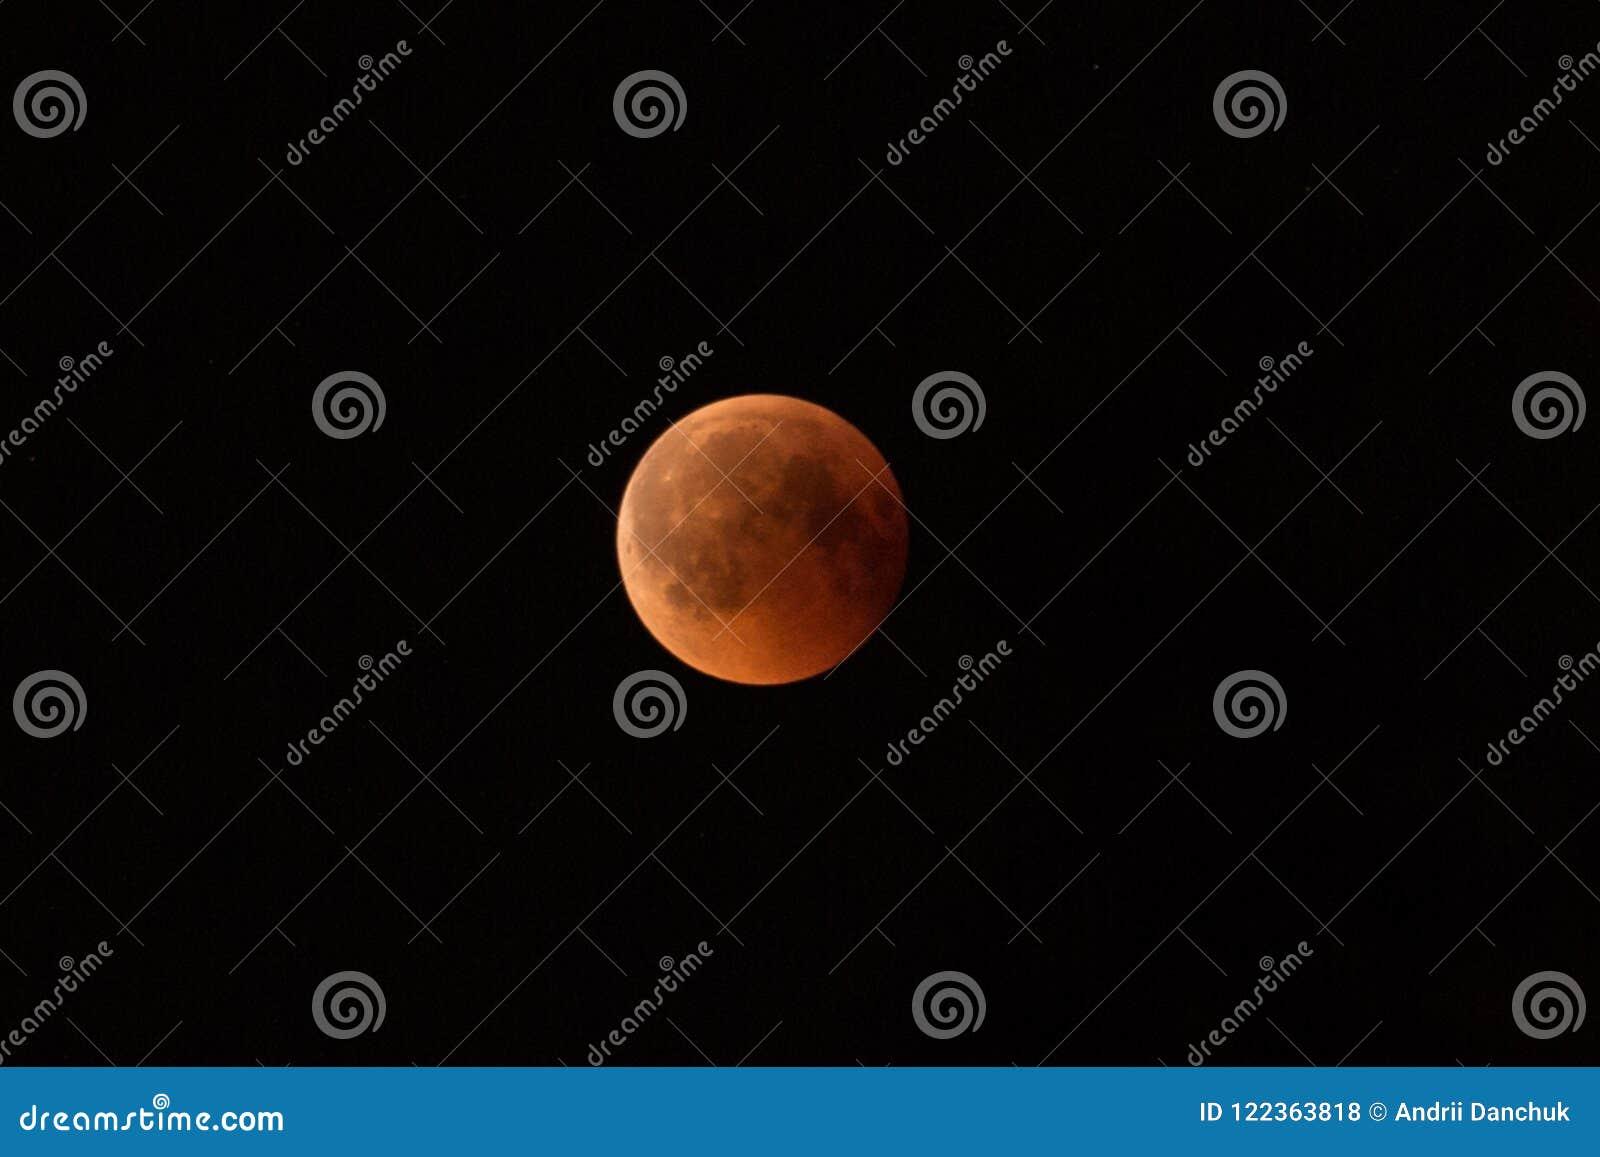 Juli 27, 2018 är den längsta månförmörkelsen av århundradet Månen är målad röd-brunt på grund av skuggan av